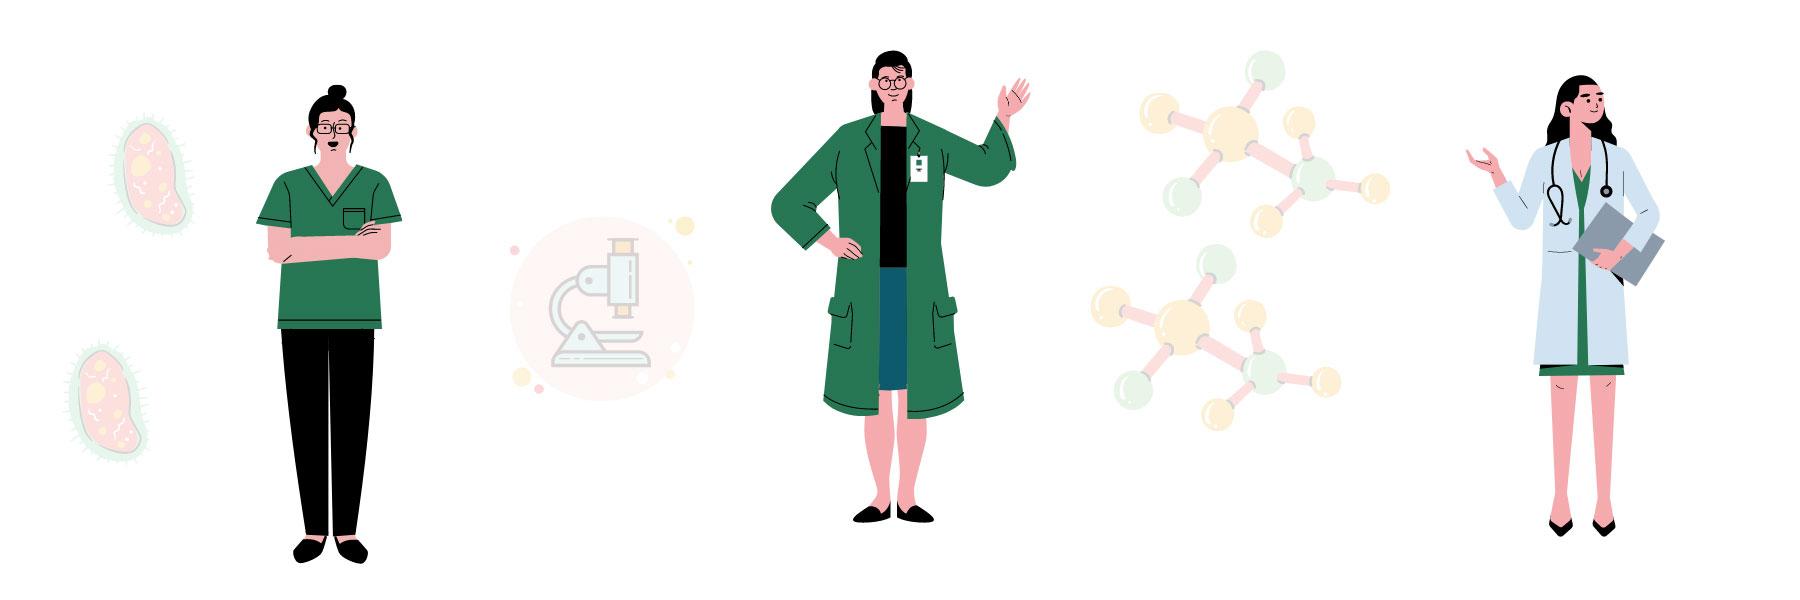 laboratorio-analisi-mediche-san-giorgio-pavia-san-genesio-uniti-milano-15